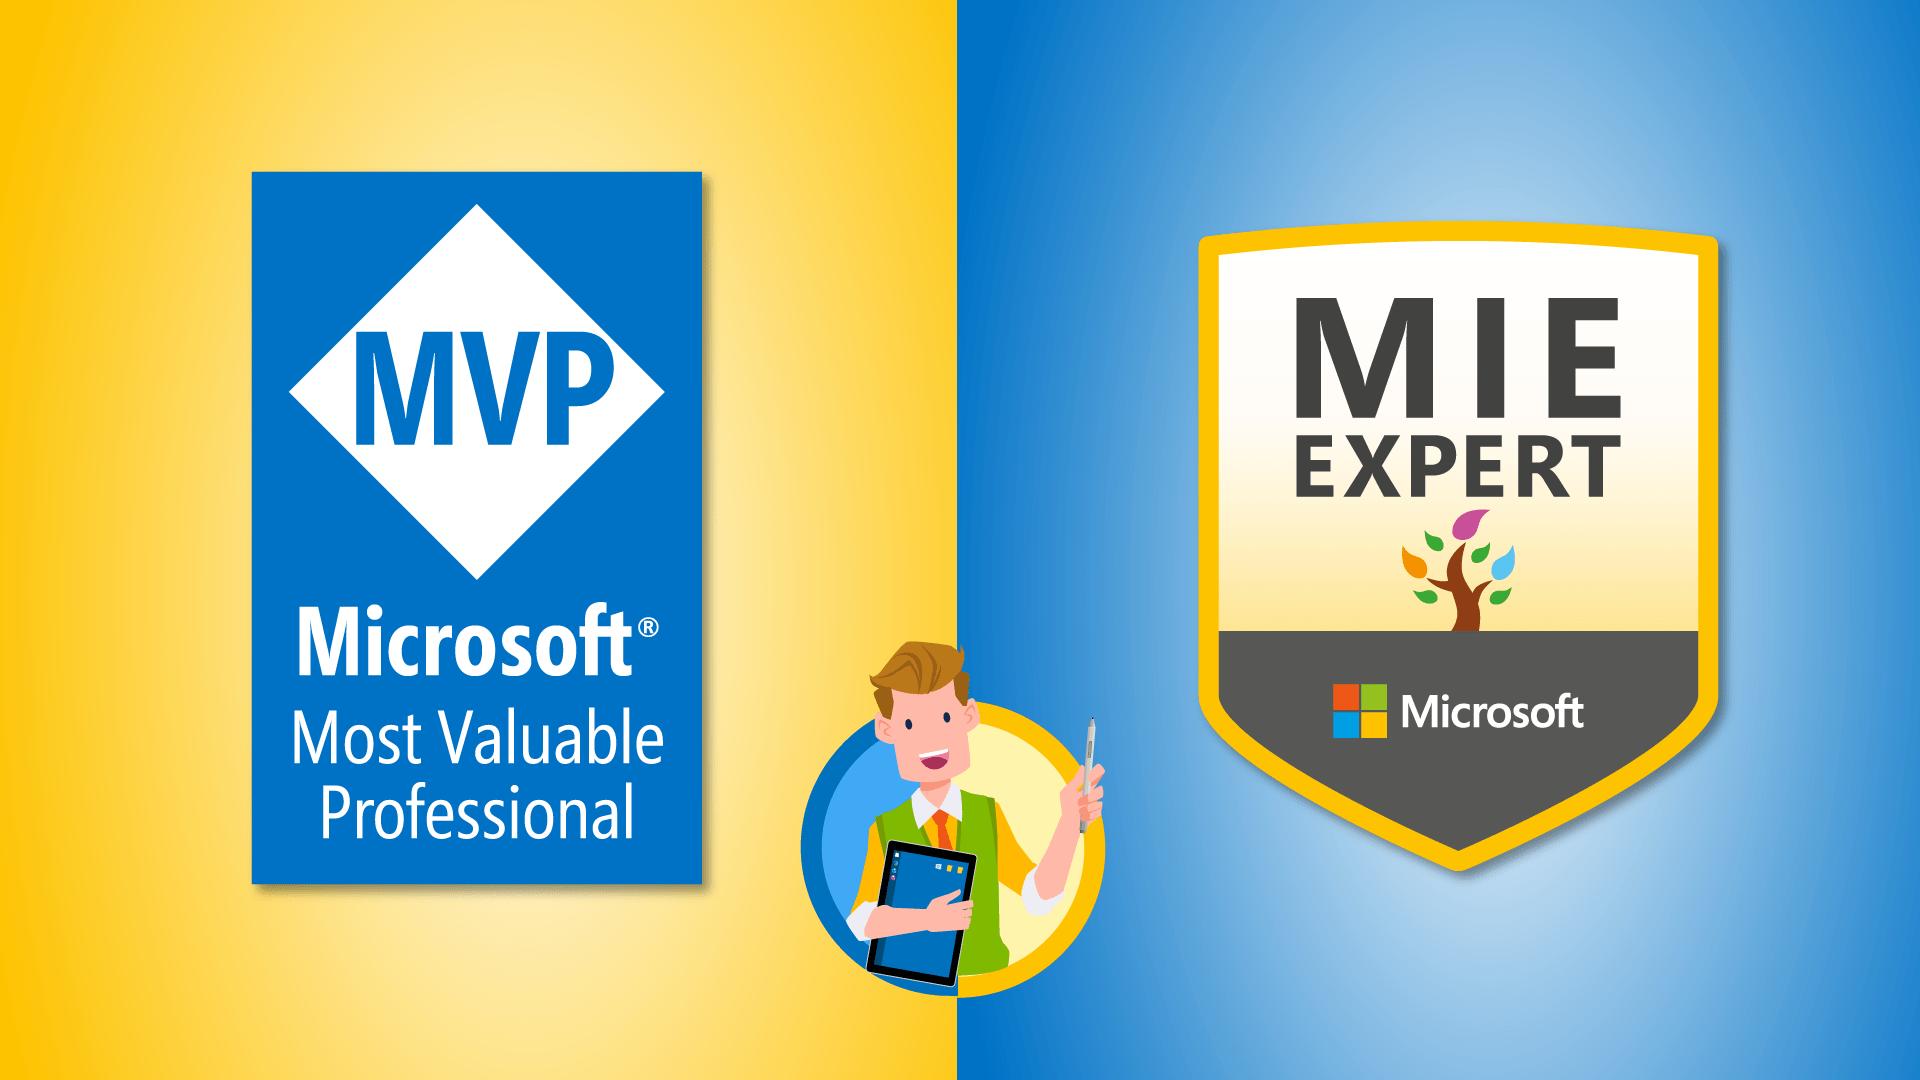 Microsoft MVP und MIEExpert